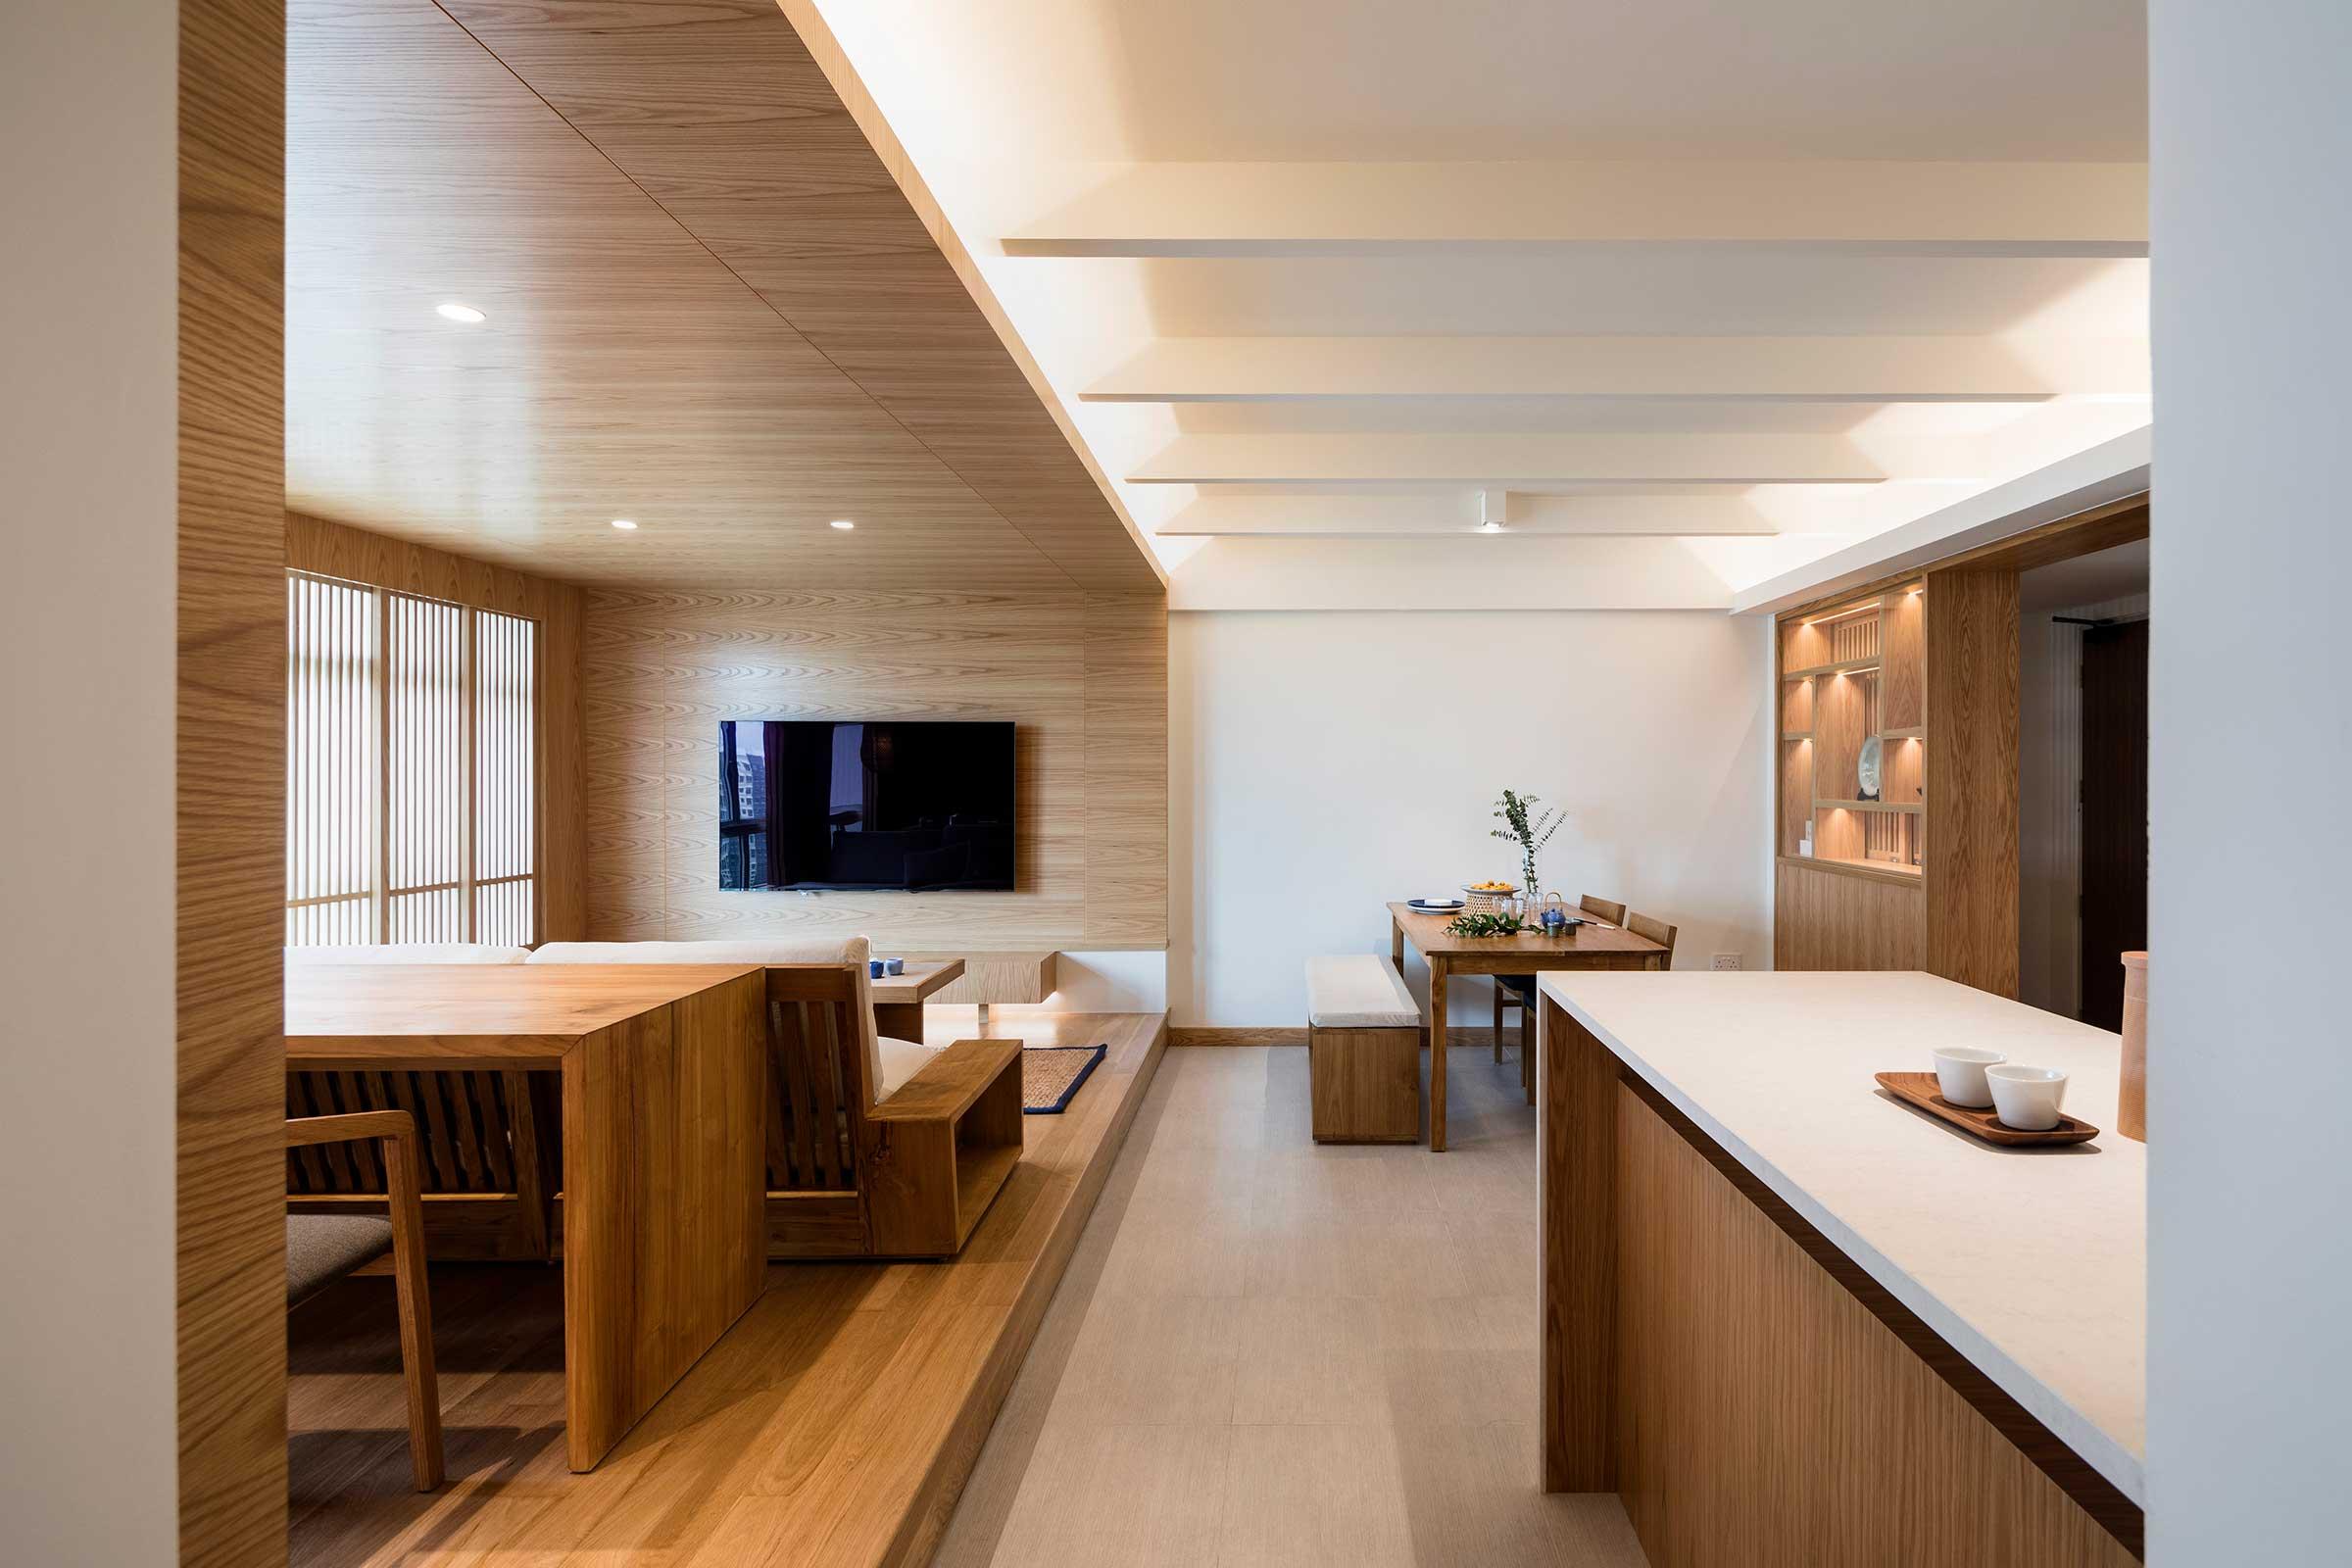 Bukit-Batok-West-Ave-6_Goy-Architects_33.jpg